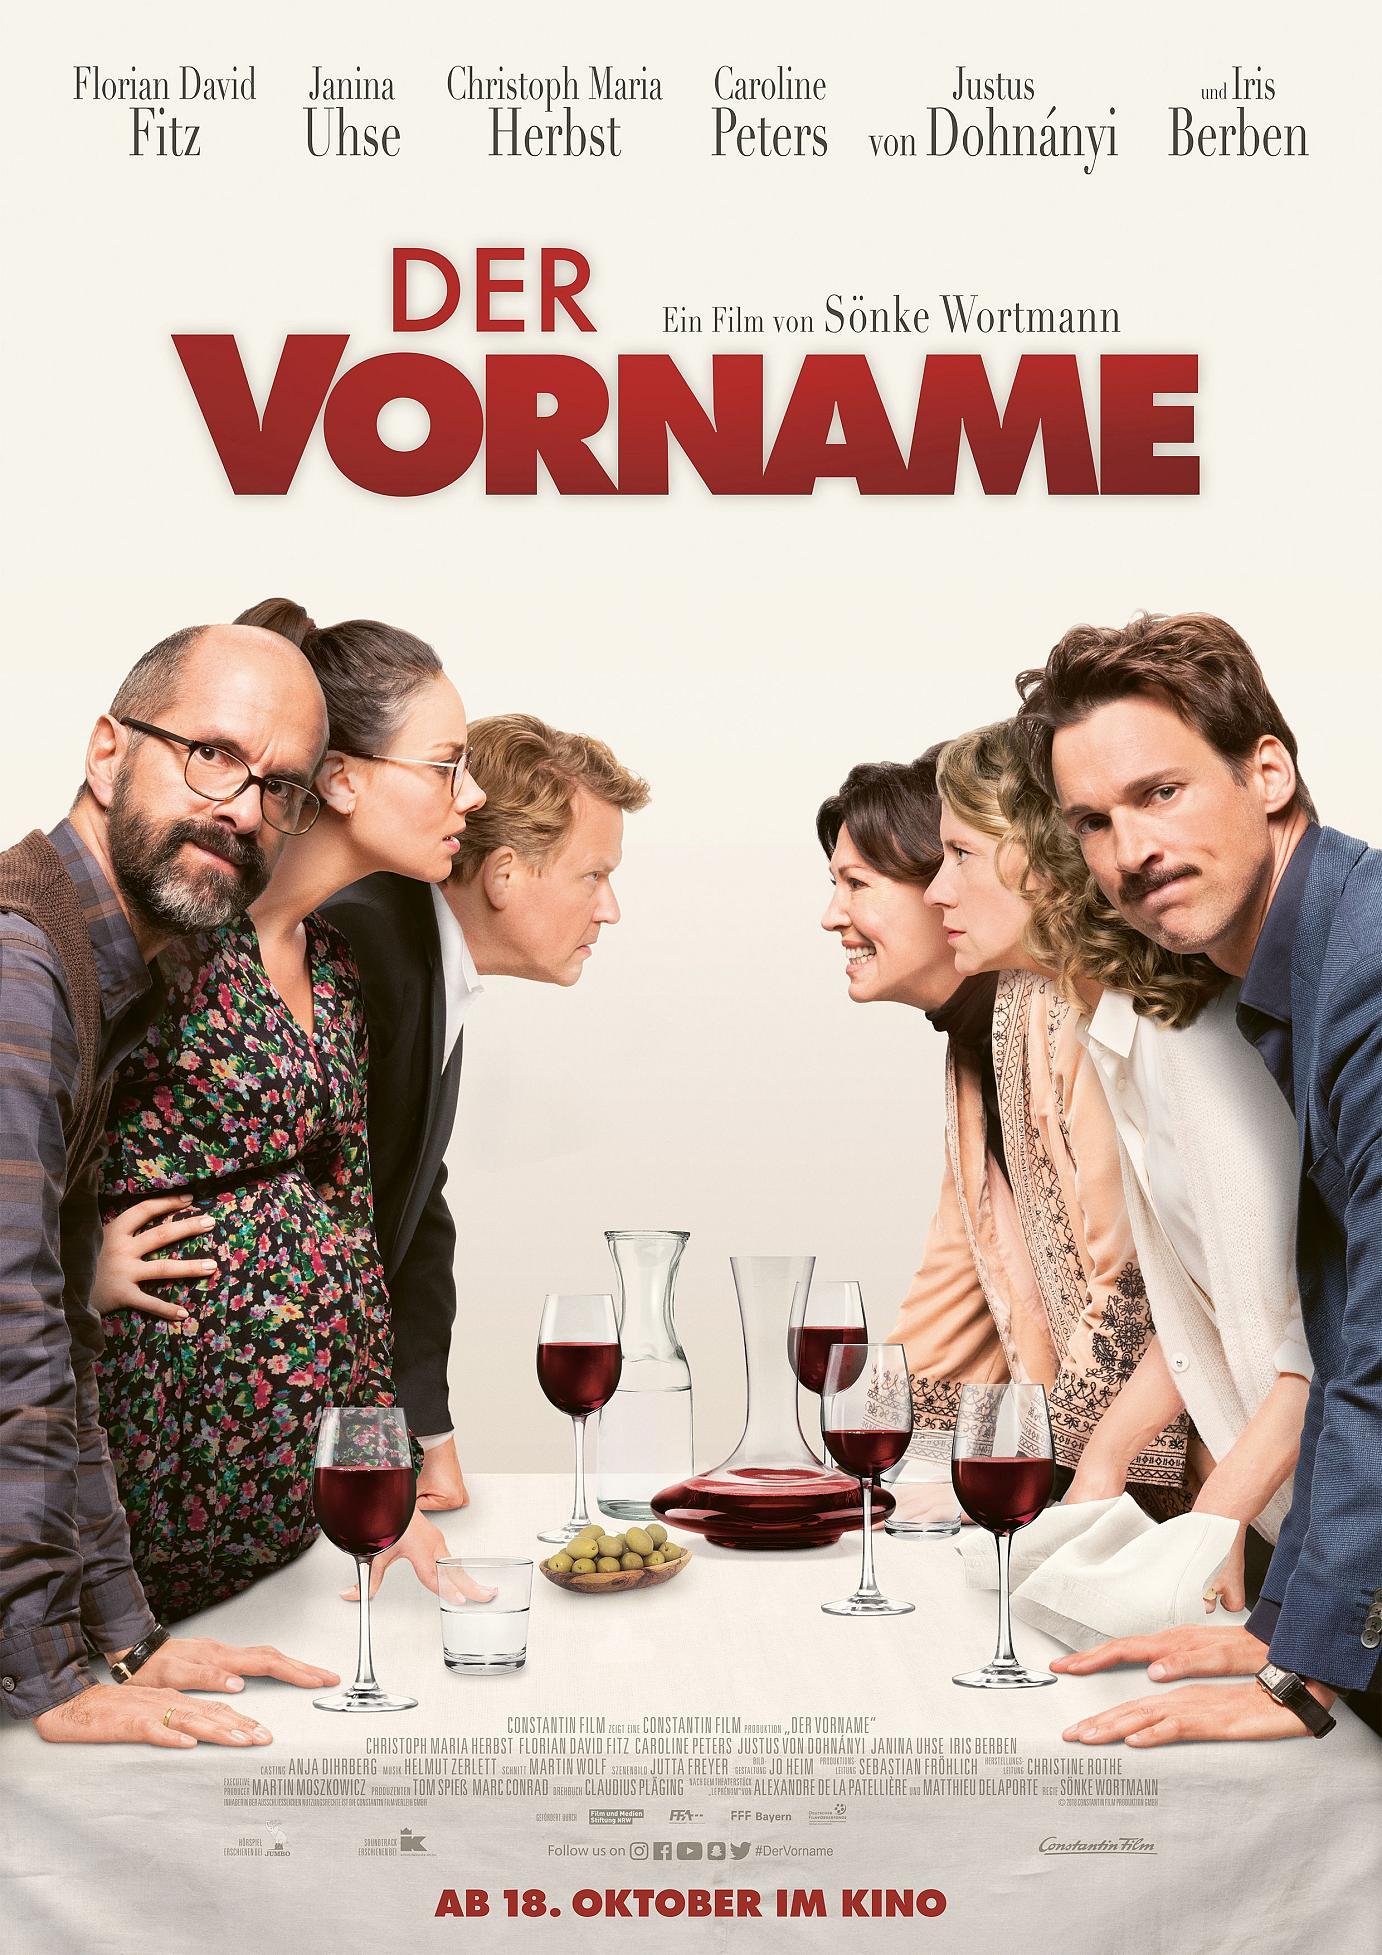 Film » Der Vorname | Deutsche Filmbewertung und Medienbewertung FBW